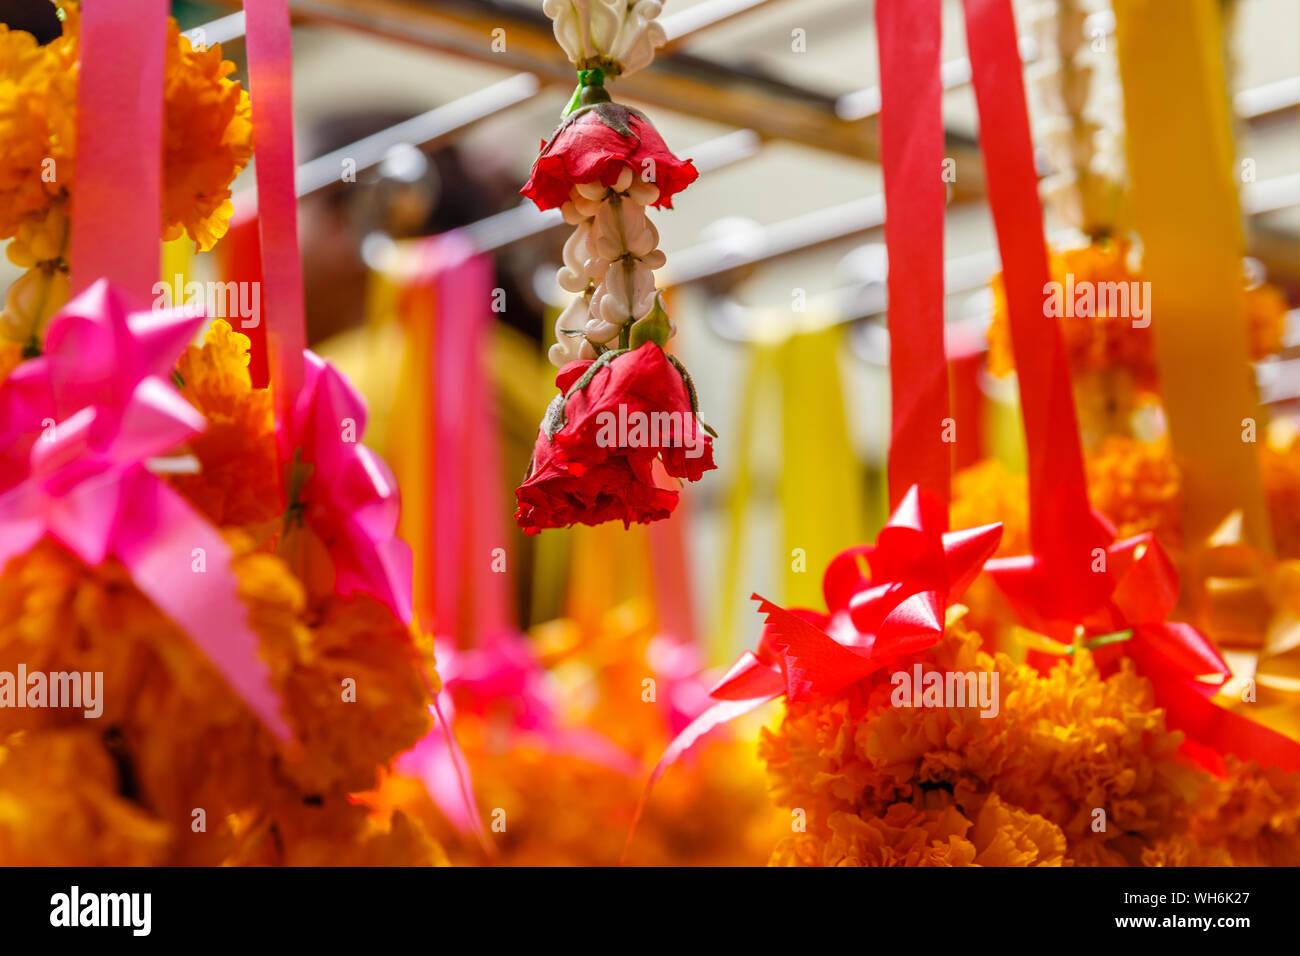 Phuang malai, traditional Thai flower offerings at Wat Mangkon Kamalawat or Wat Leng Noei Yi, largest Chinese Buddhist temple in Bangkok, Thailand Stock Photo